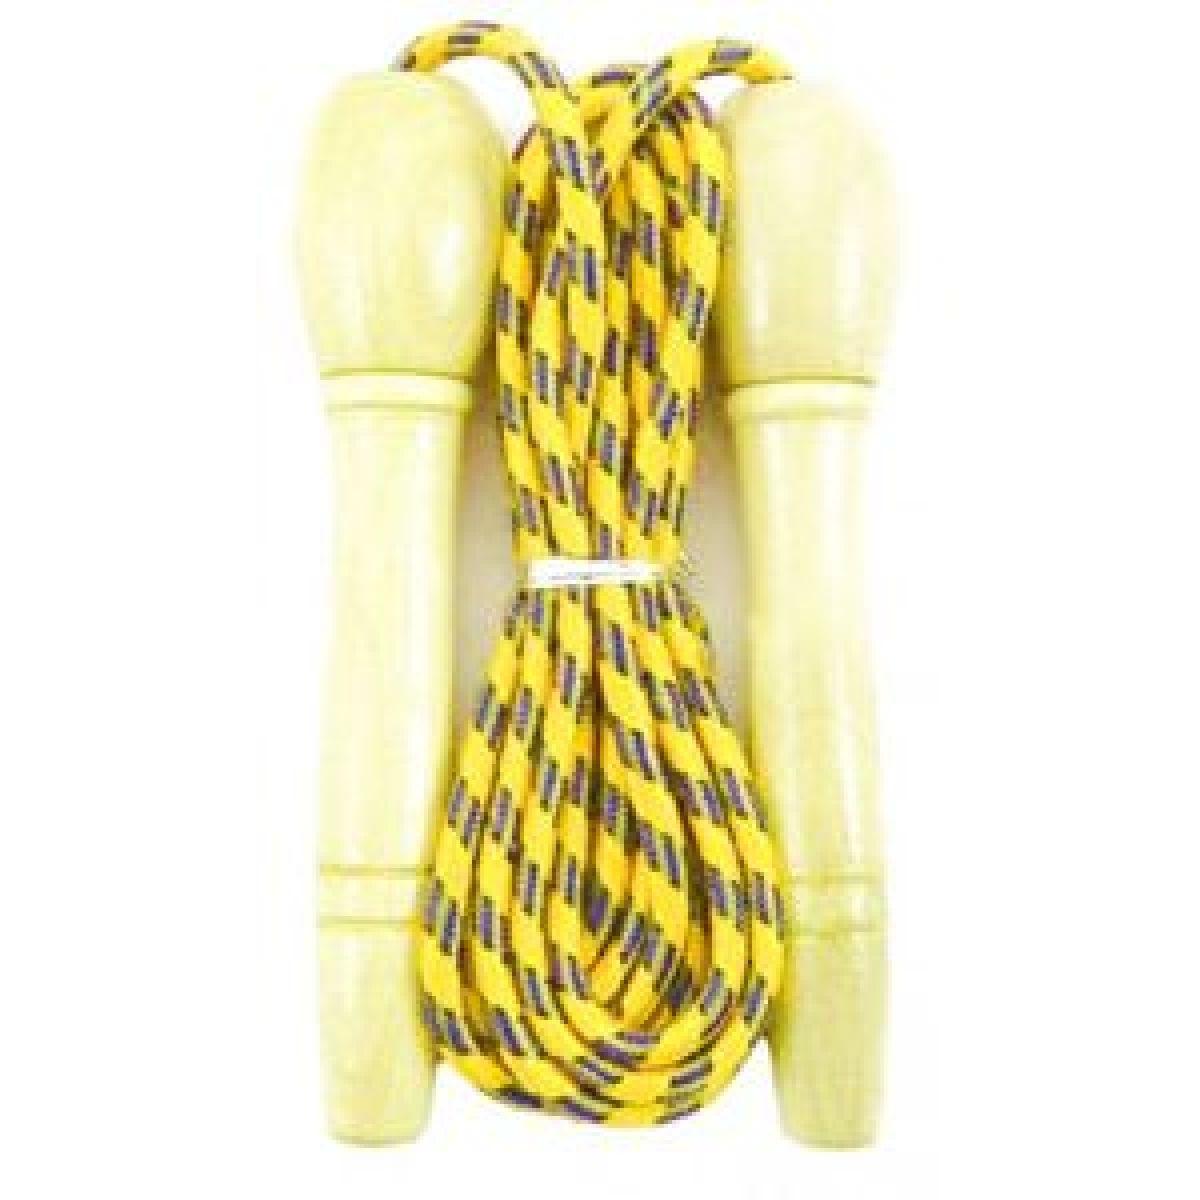 Švihadlo 270 cm s drevenou rukoväťou nastaviteľné žlté